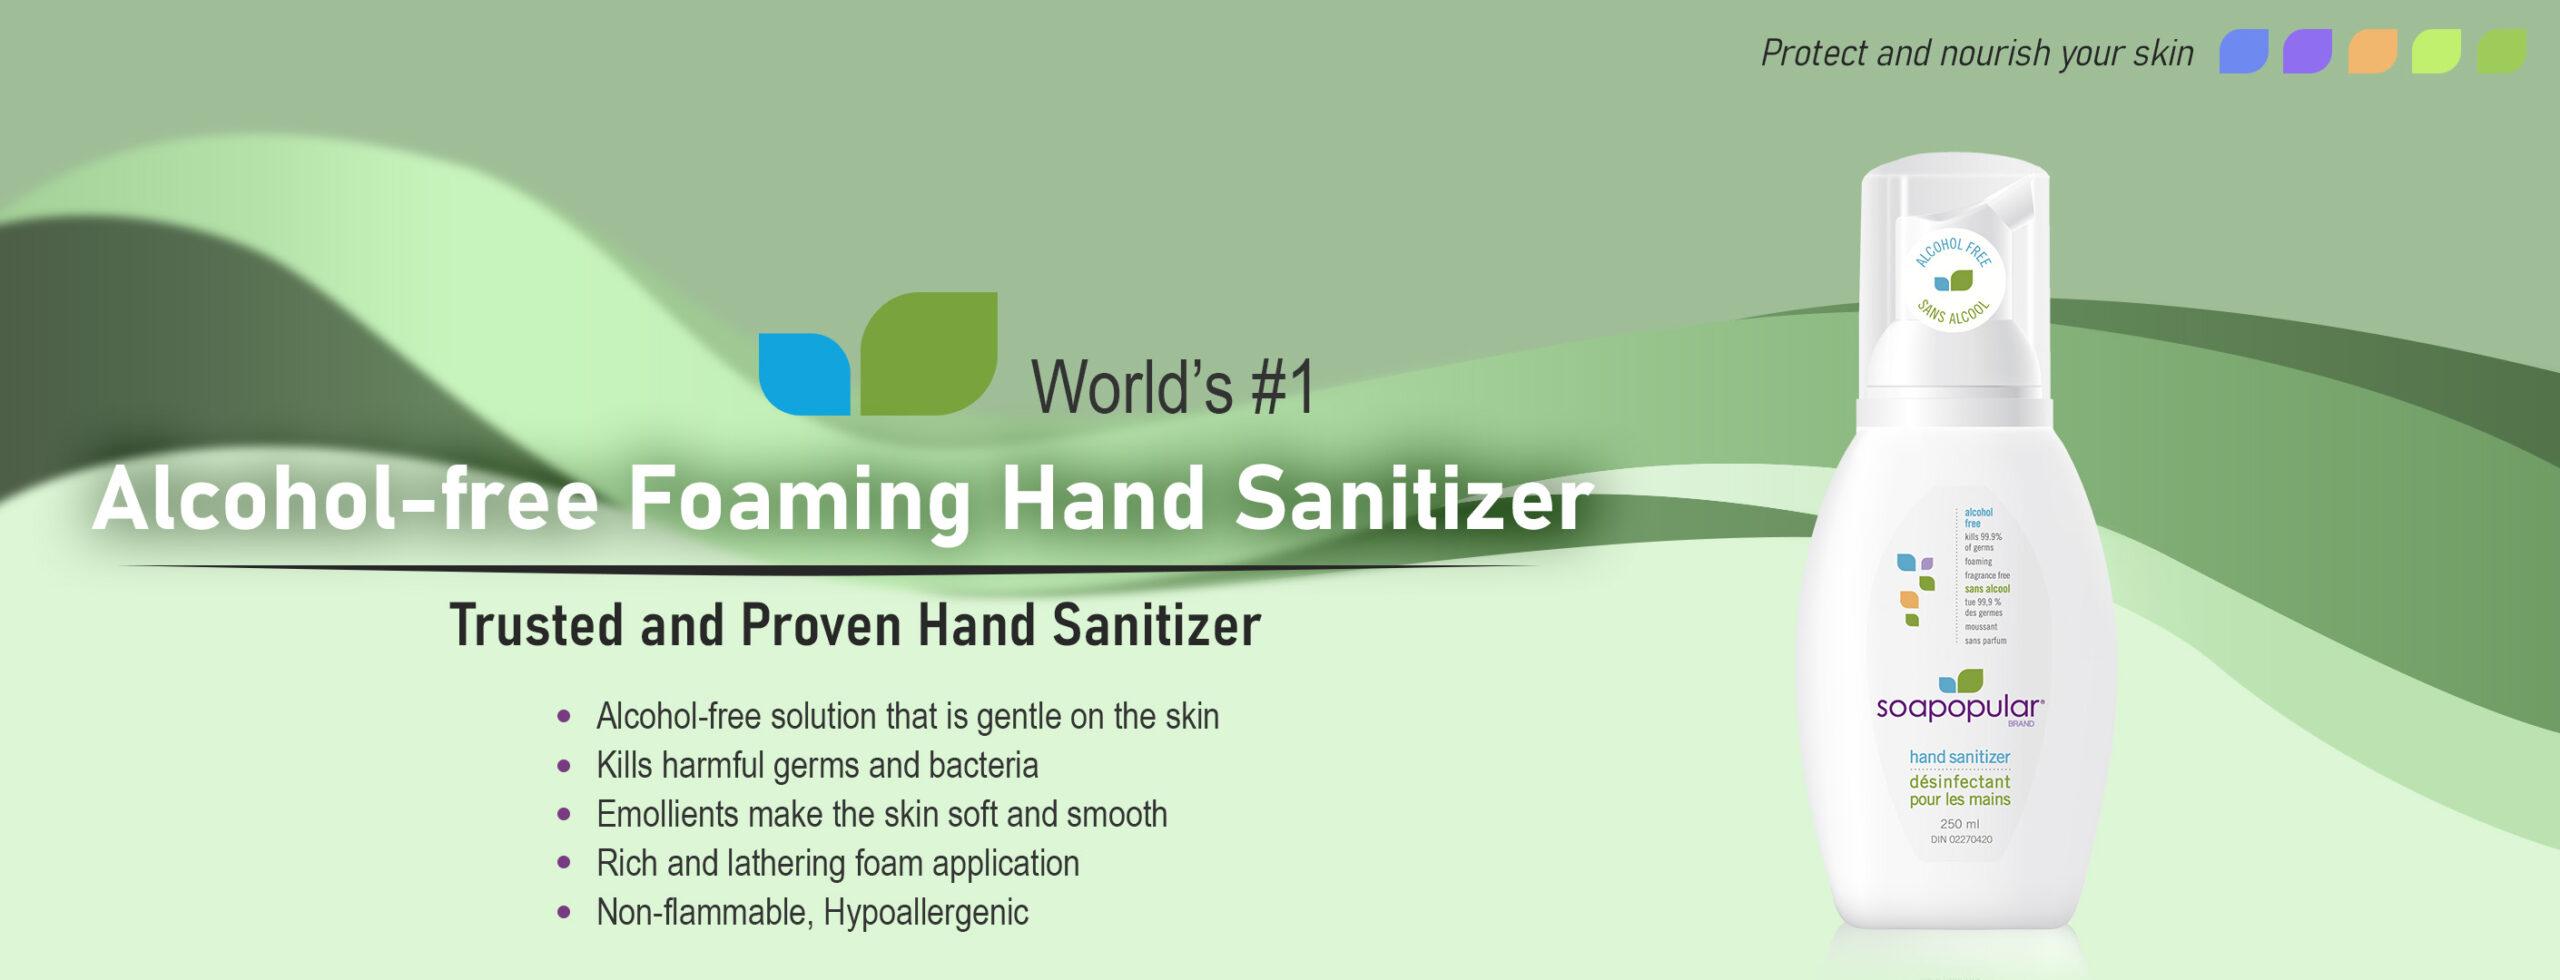 worlds #1 sanitizer